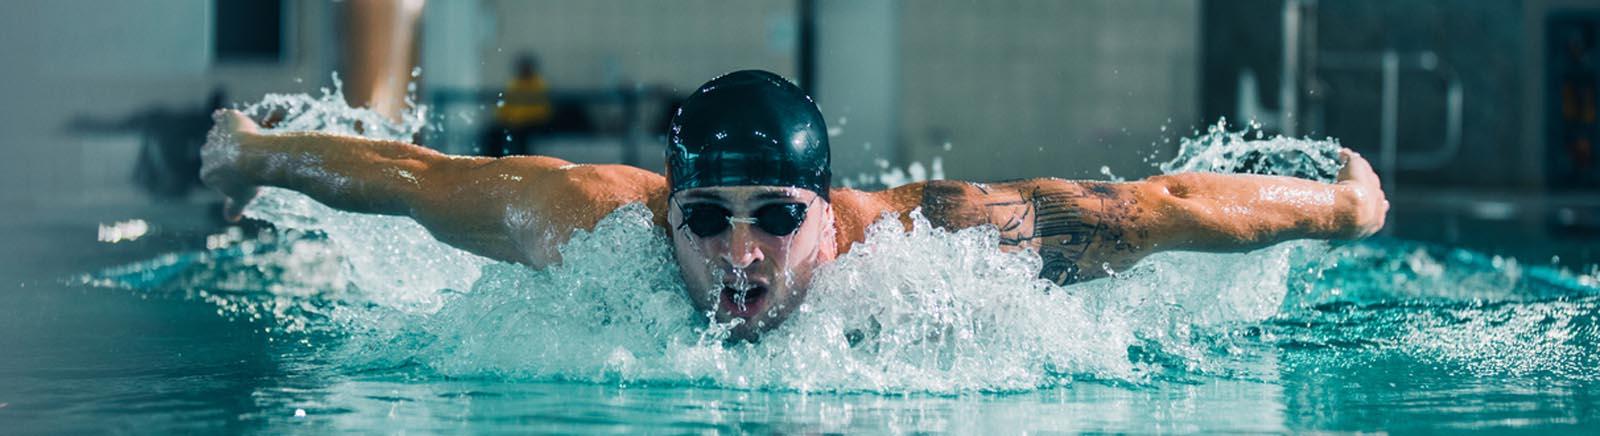 Schwimmen post image